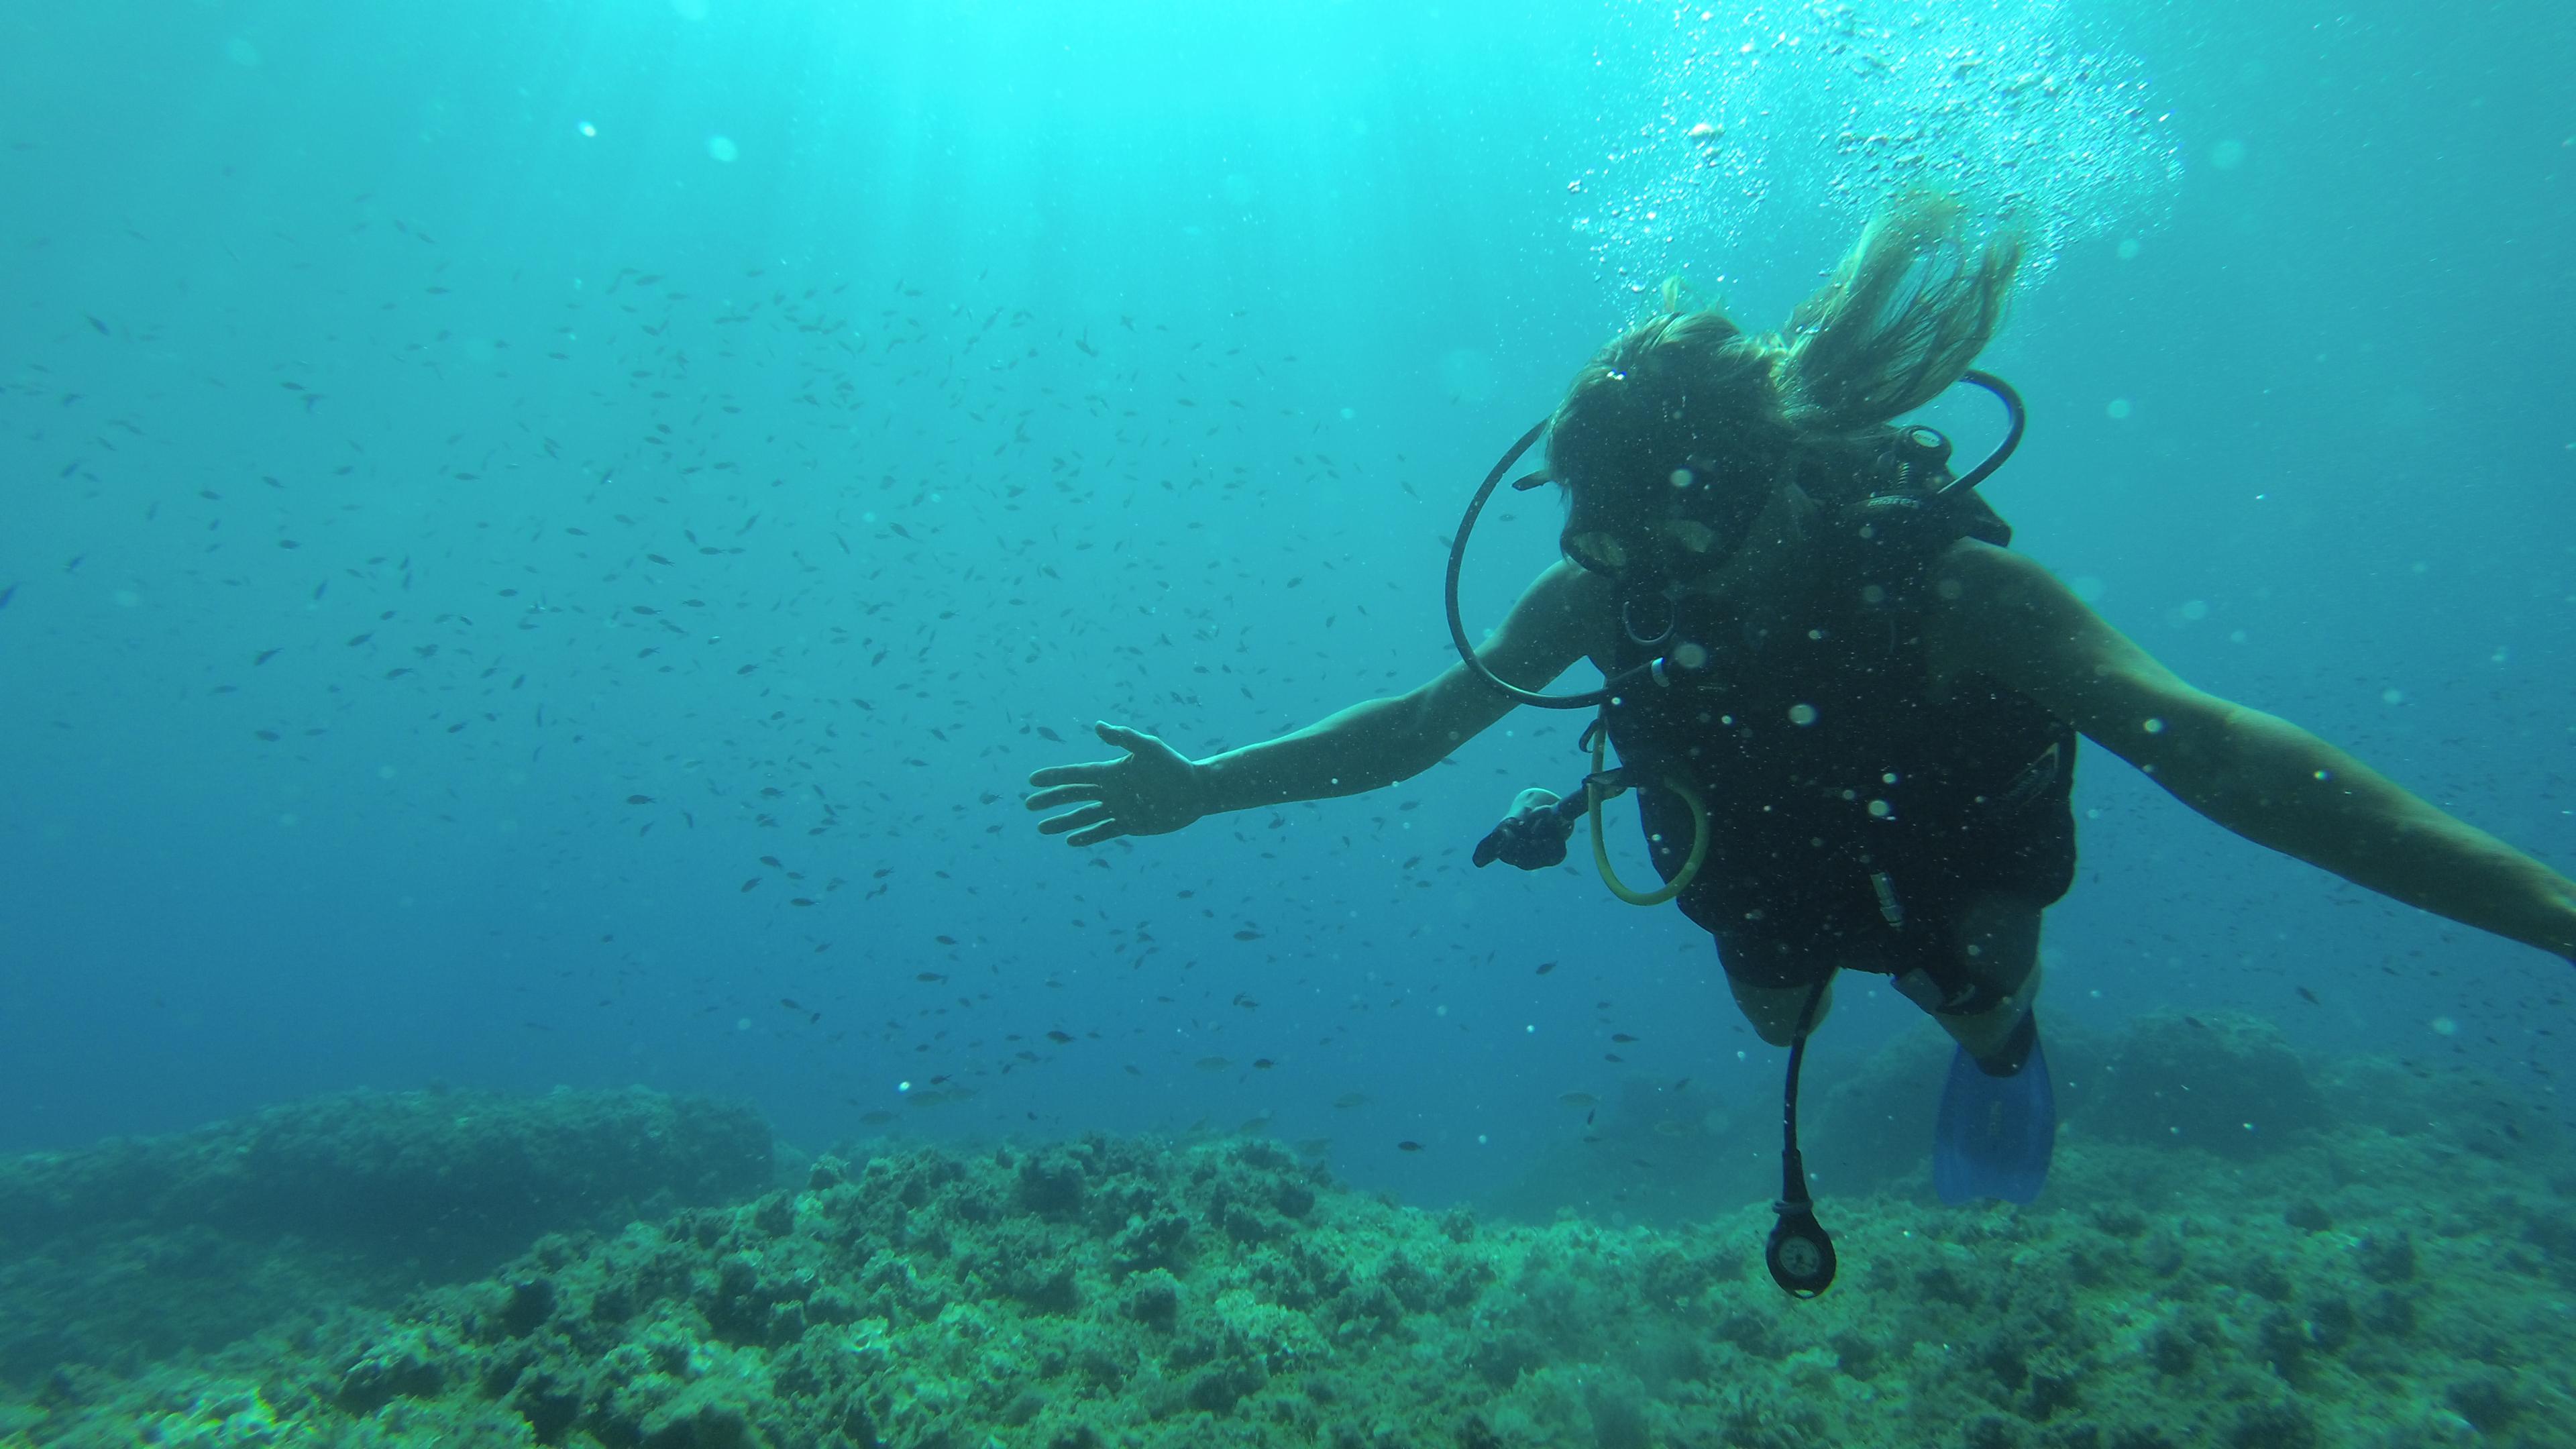 <p>Vieni a scoprire insieme a noi le meraviglie dei fondali marini delle coste di Palermo e Catania…   Il portale dei subacquei – www.italiasub.it Prodotti gastronomici di produzione propria, biologici e a km 0.</p>